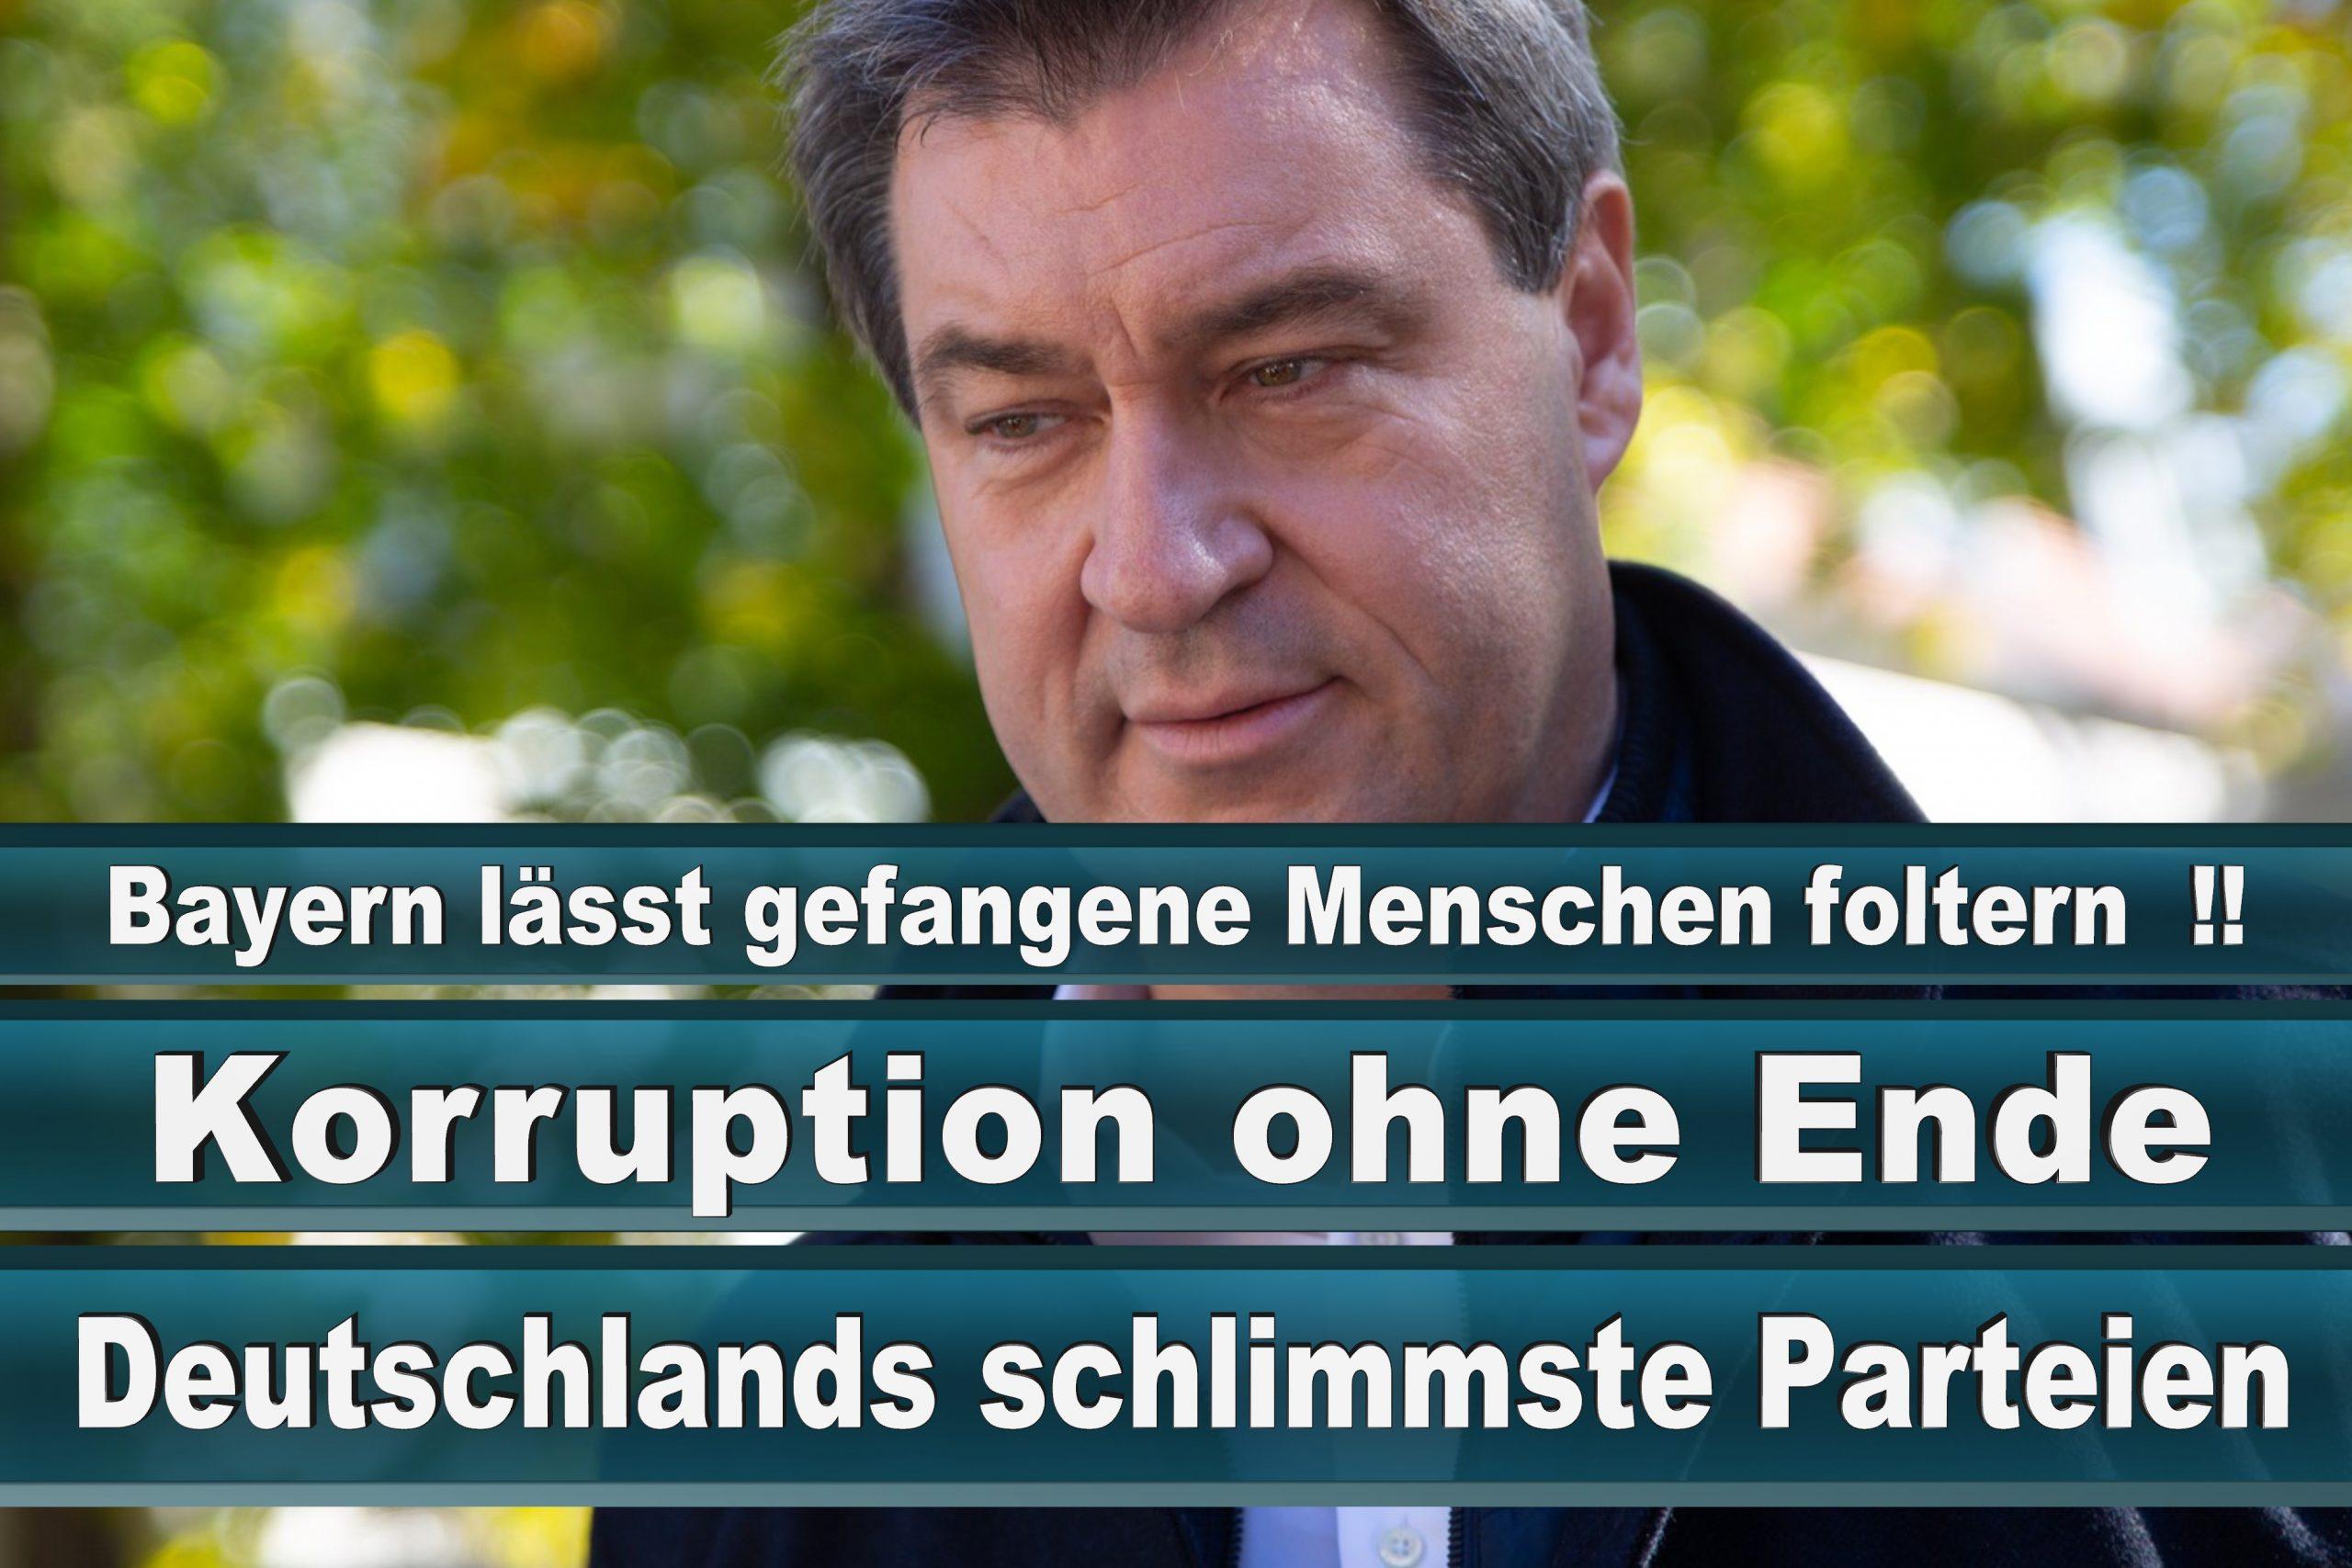 CDU,CSU Wahlplakate 2021 Stimmzettel Briefwahl Umfrage Prognose Termin Datum Söder Parteien Kandidaten Merkel,Laschet,CDU,AfD,Wahlwerbung (2)